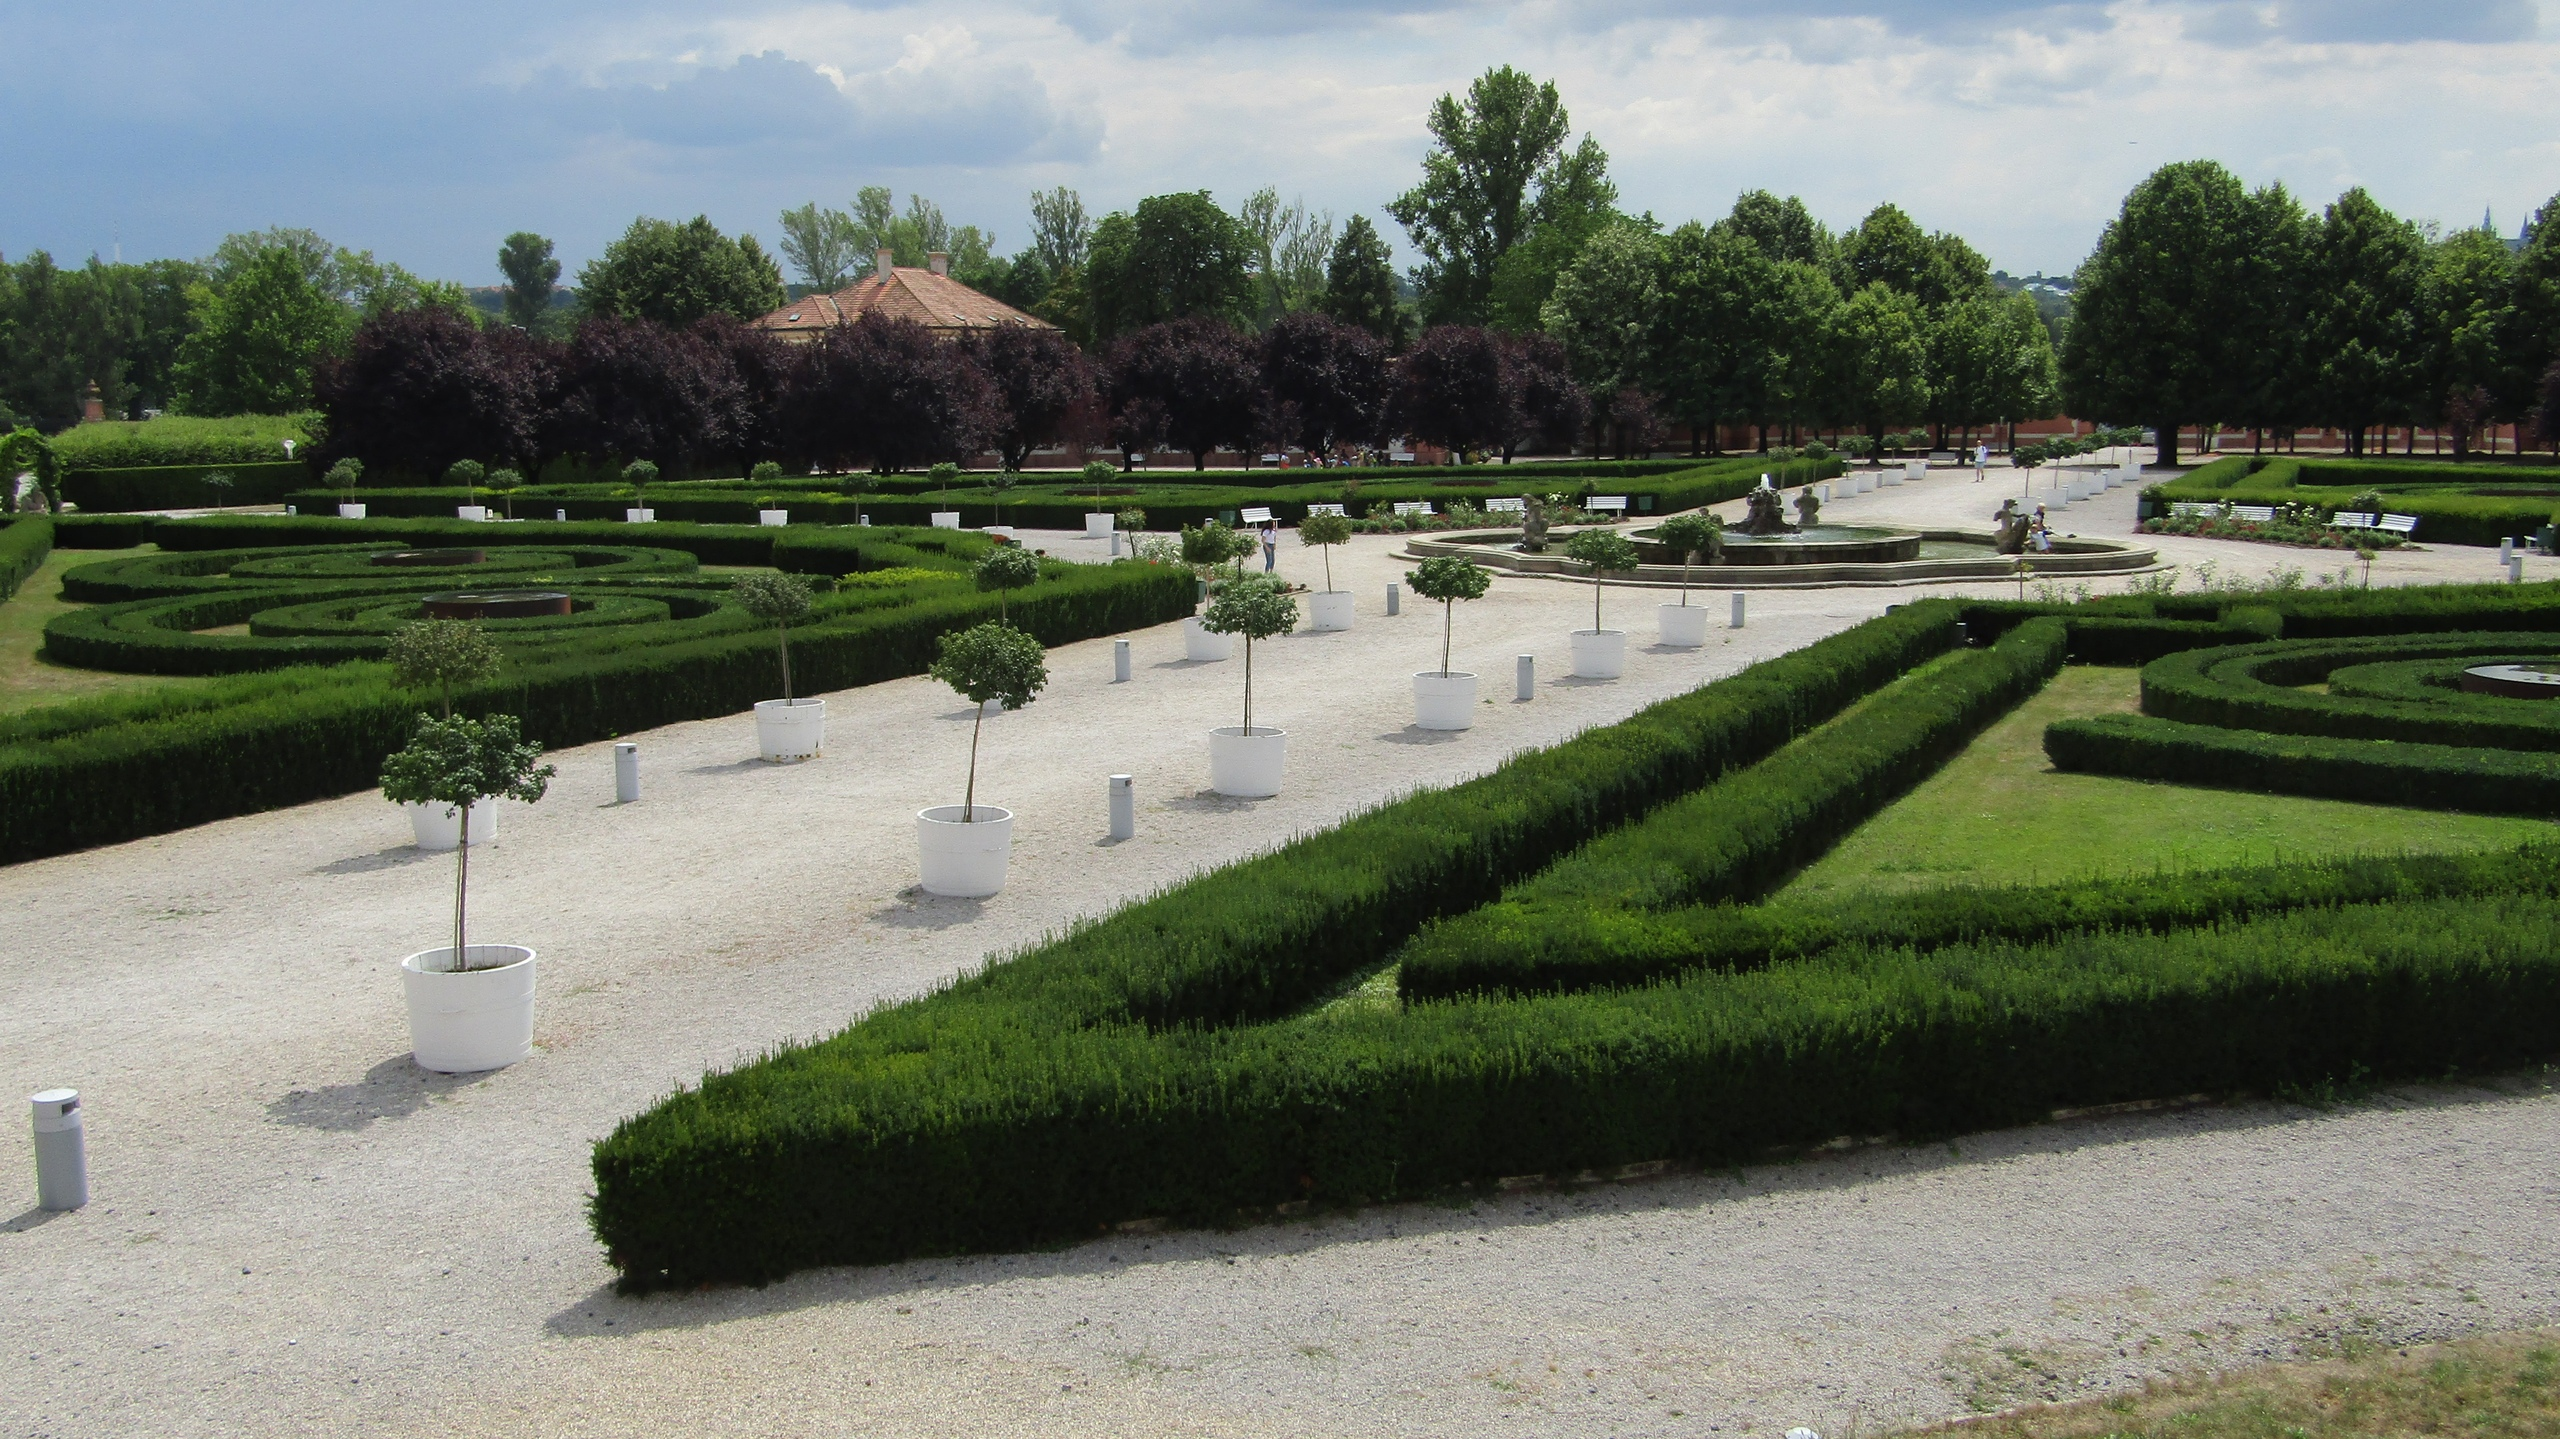 Загадки Тройского замка замка, замок, очень, много, замке, зоопарка, стены, просто, частности, замку, художниками, стоит, времени, билет, английского, стороны, фресок, ботанического, подвал, Информация